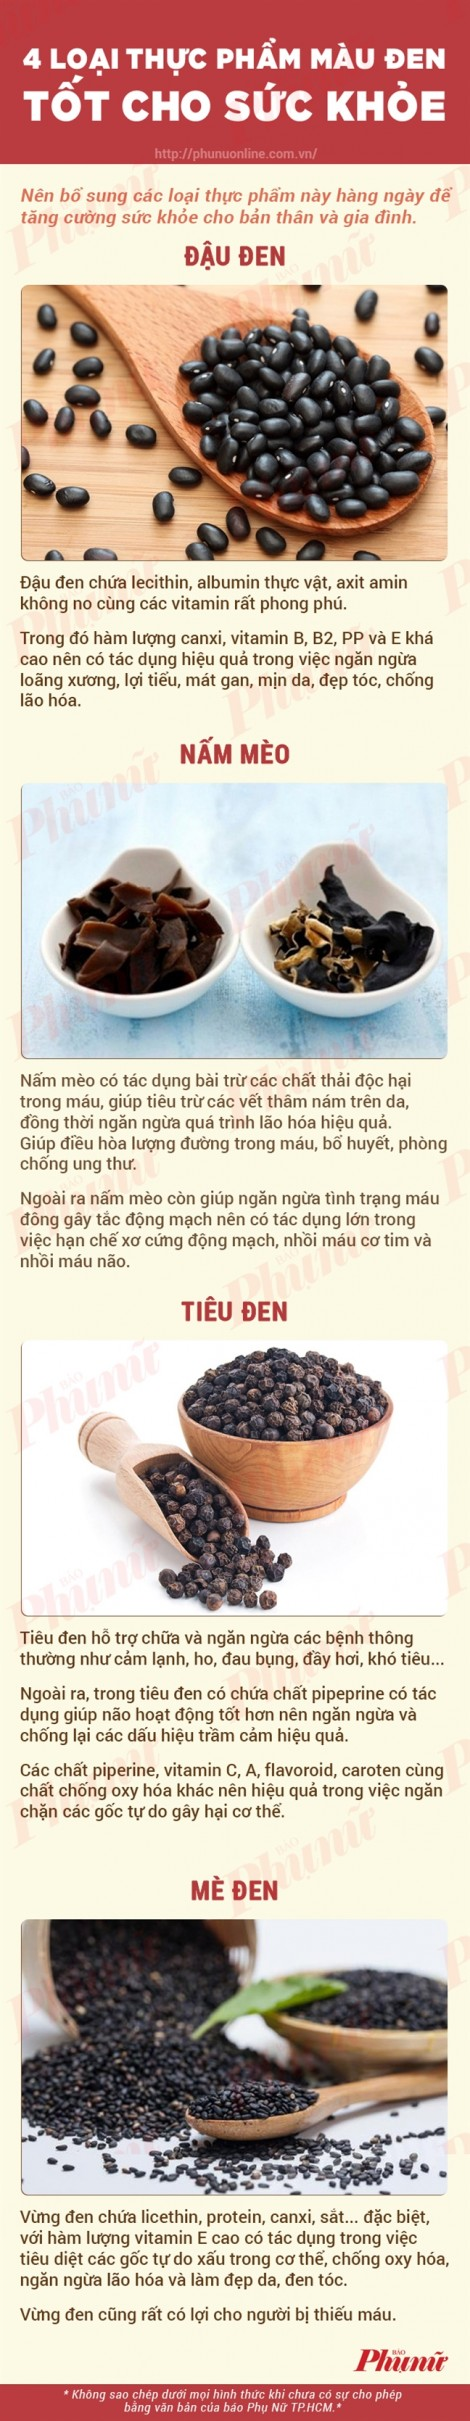 4 thực phẩm màu đen có lợi để chống lão hóa